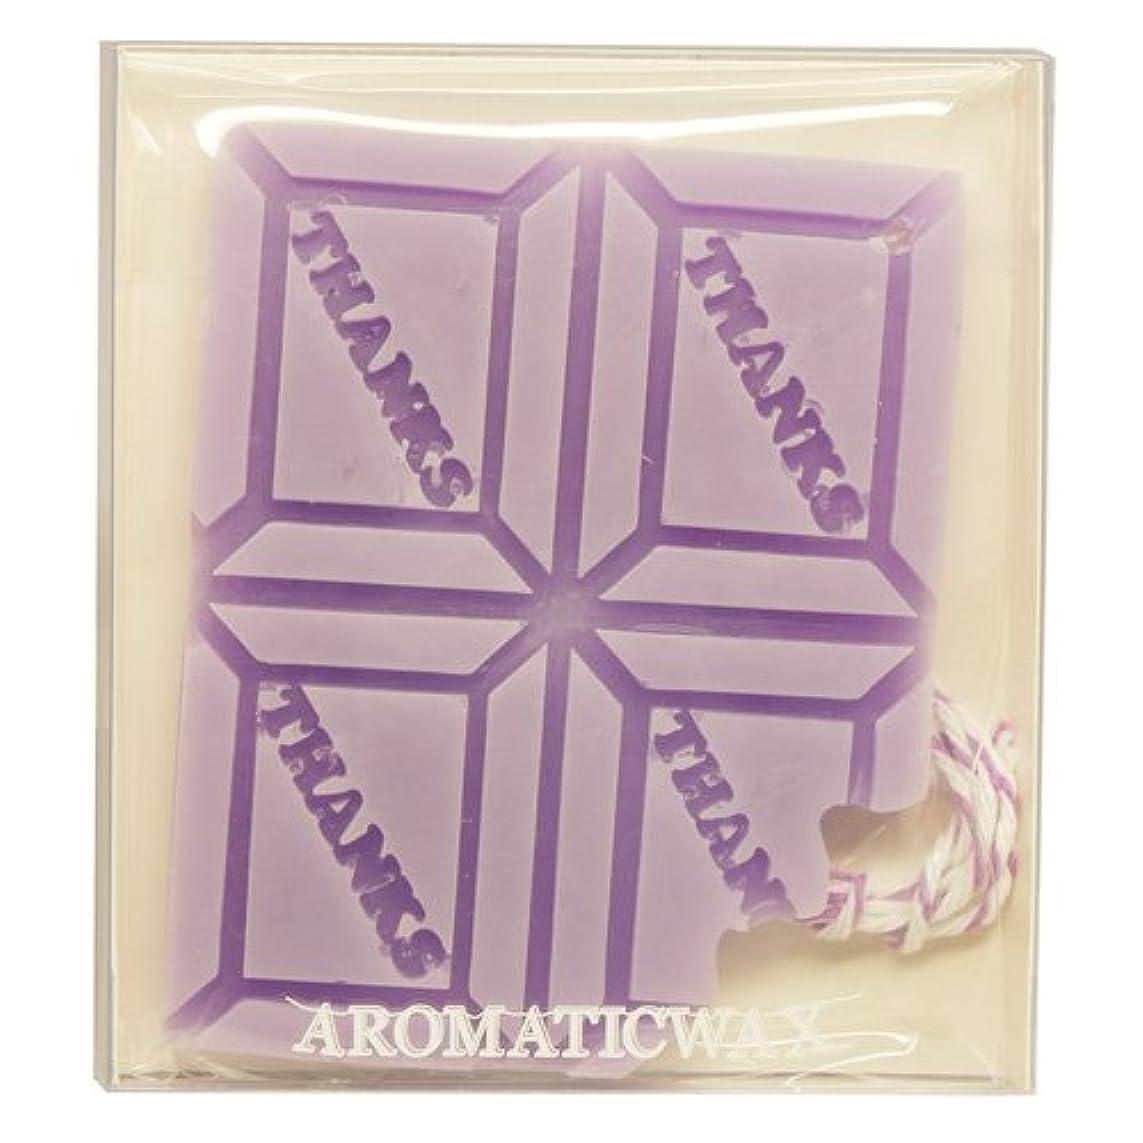 額スピン冒険GRASSE TOKYO AROMATICWAXチャーム「板チョコ(THANKS)」(PU) ラベンダー アロマティックワックス グラーストウキョウ